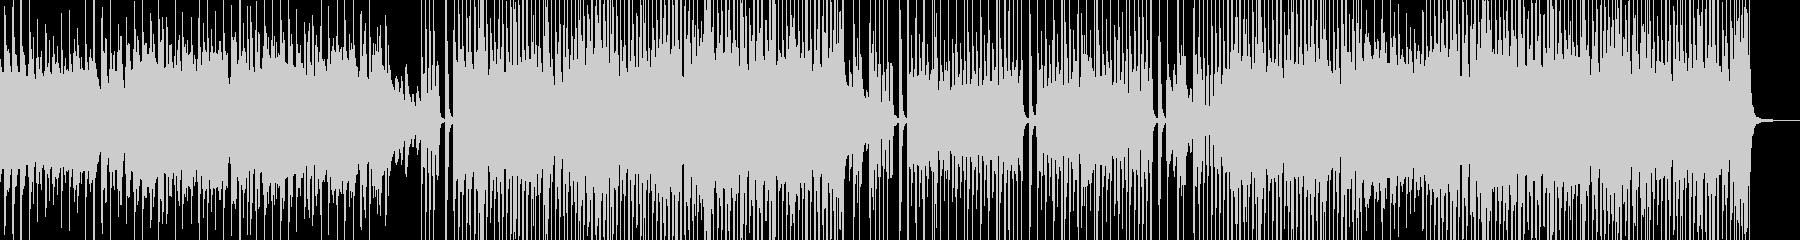 シンプル・後半リズミカルなスィングポップの未再生の波形